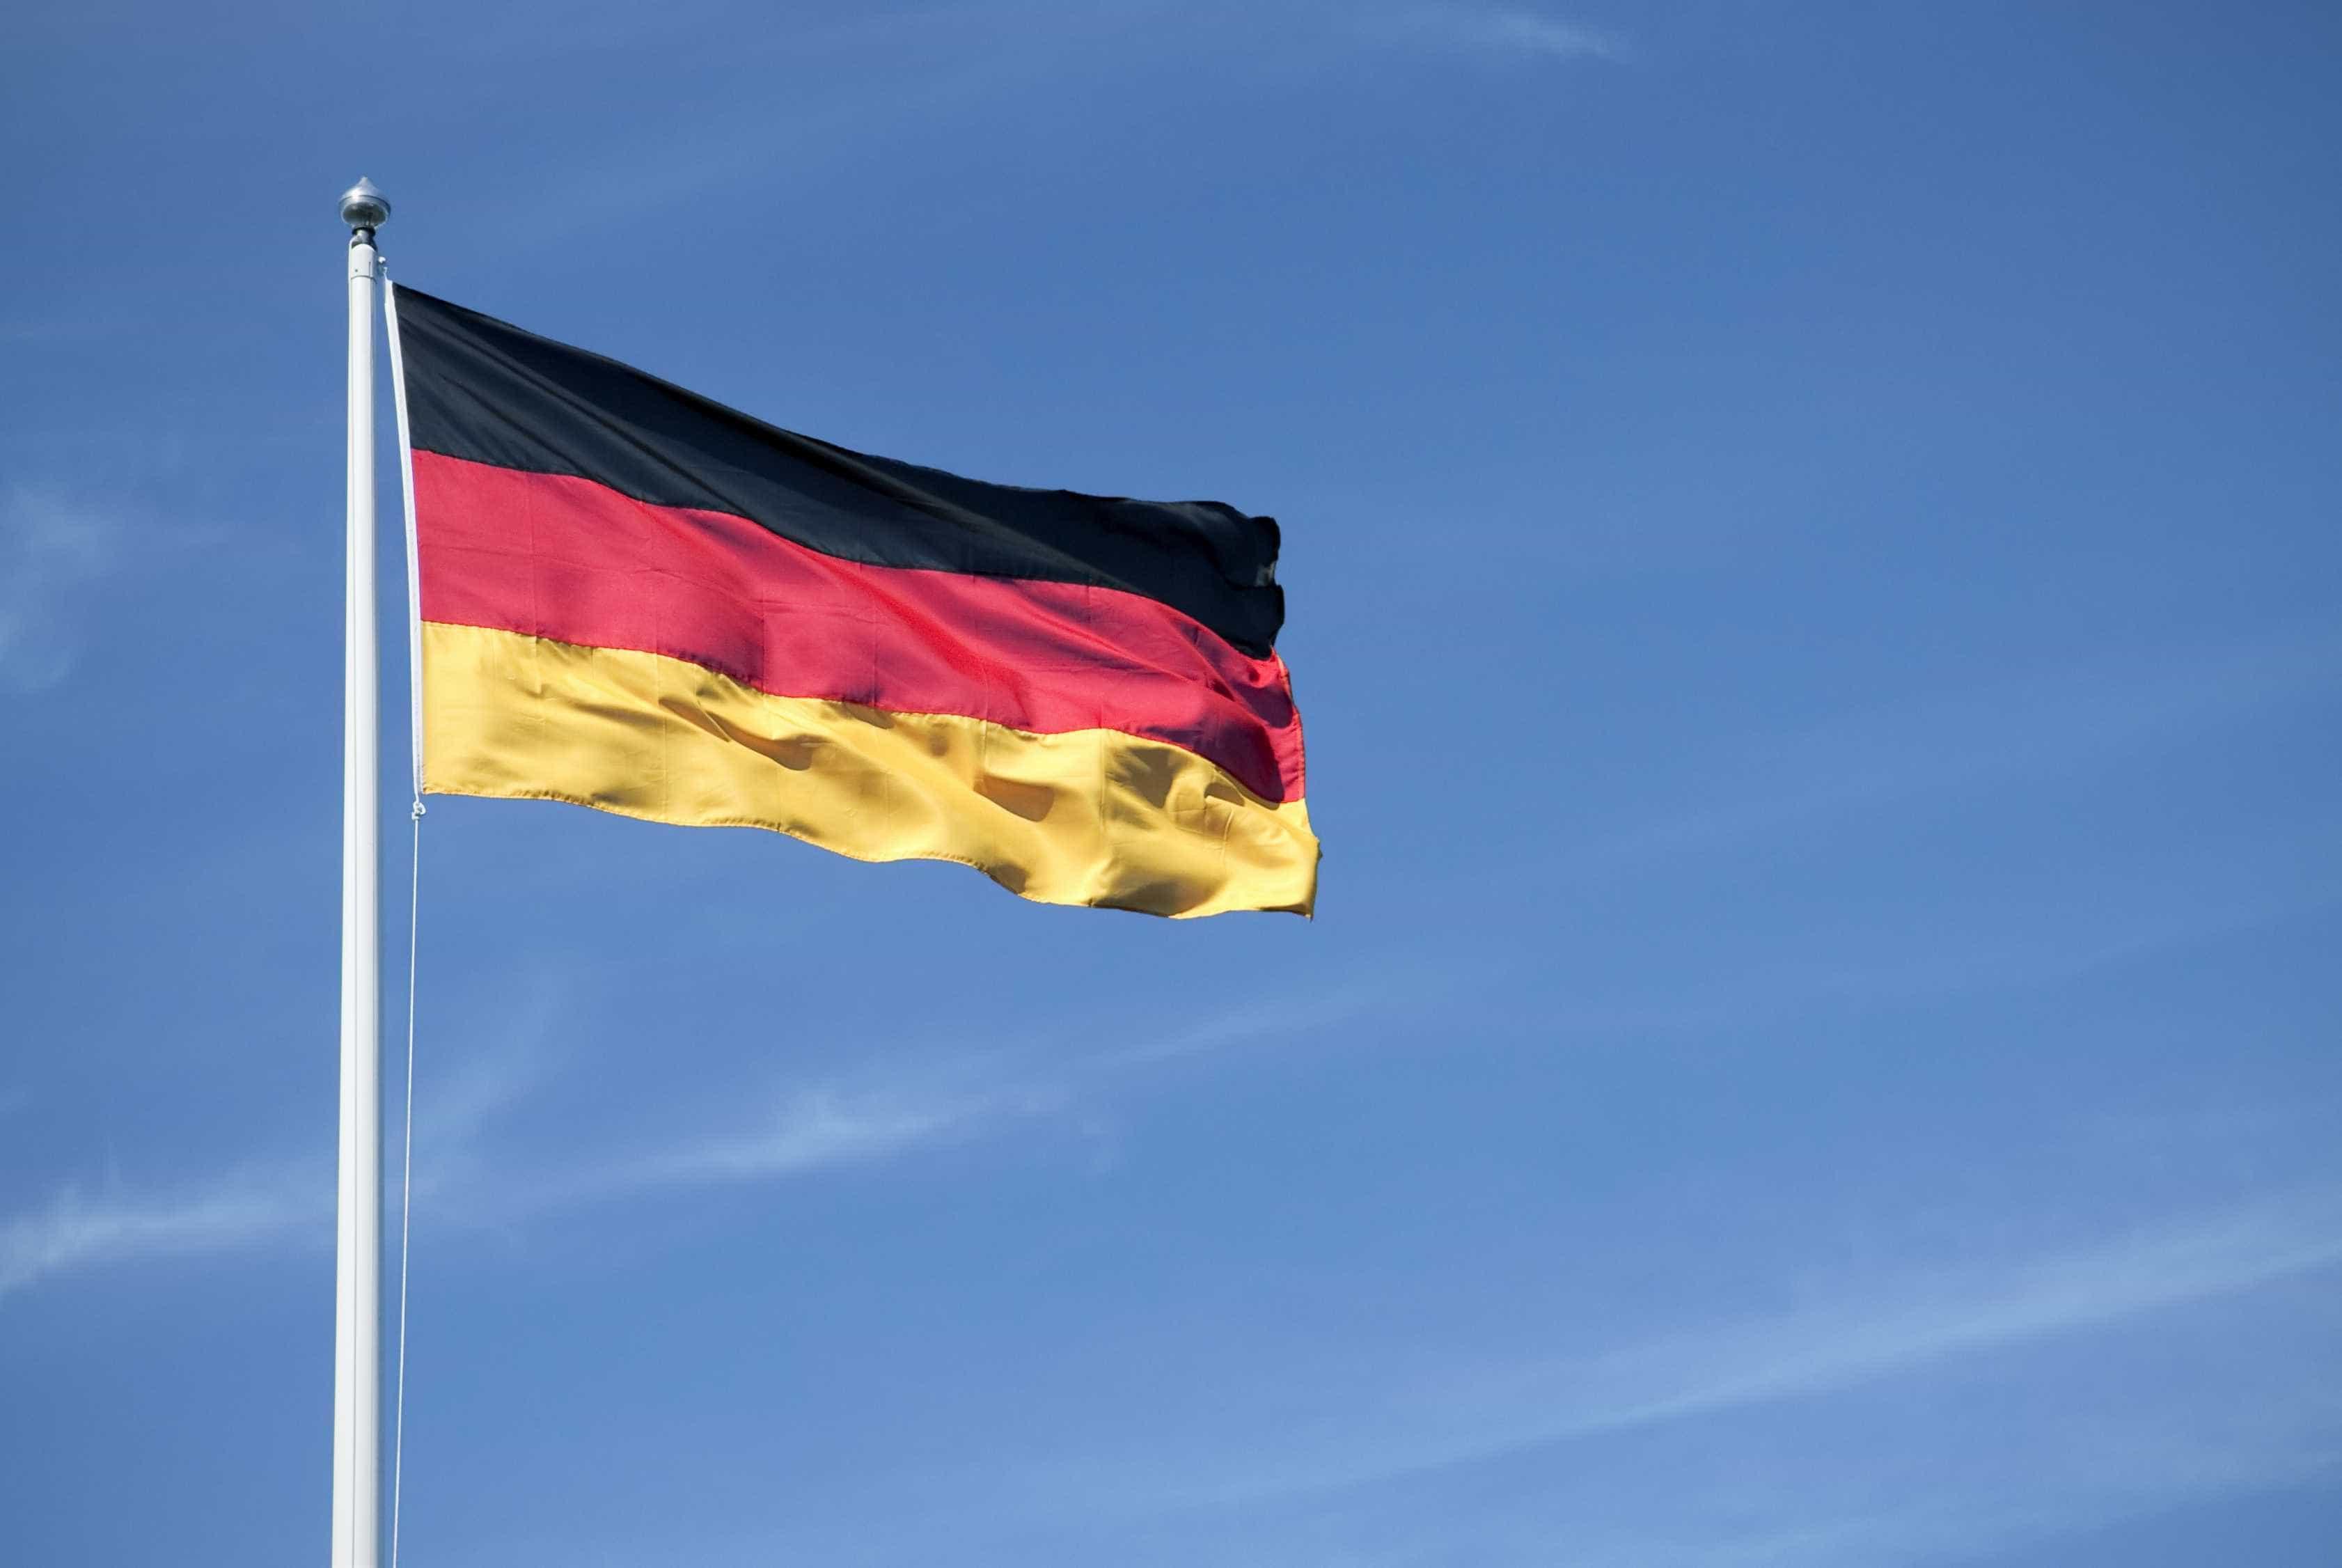 Alemanha regista em 2018 maior excedente do Estado desde a reunificação